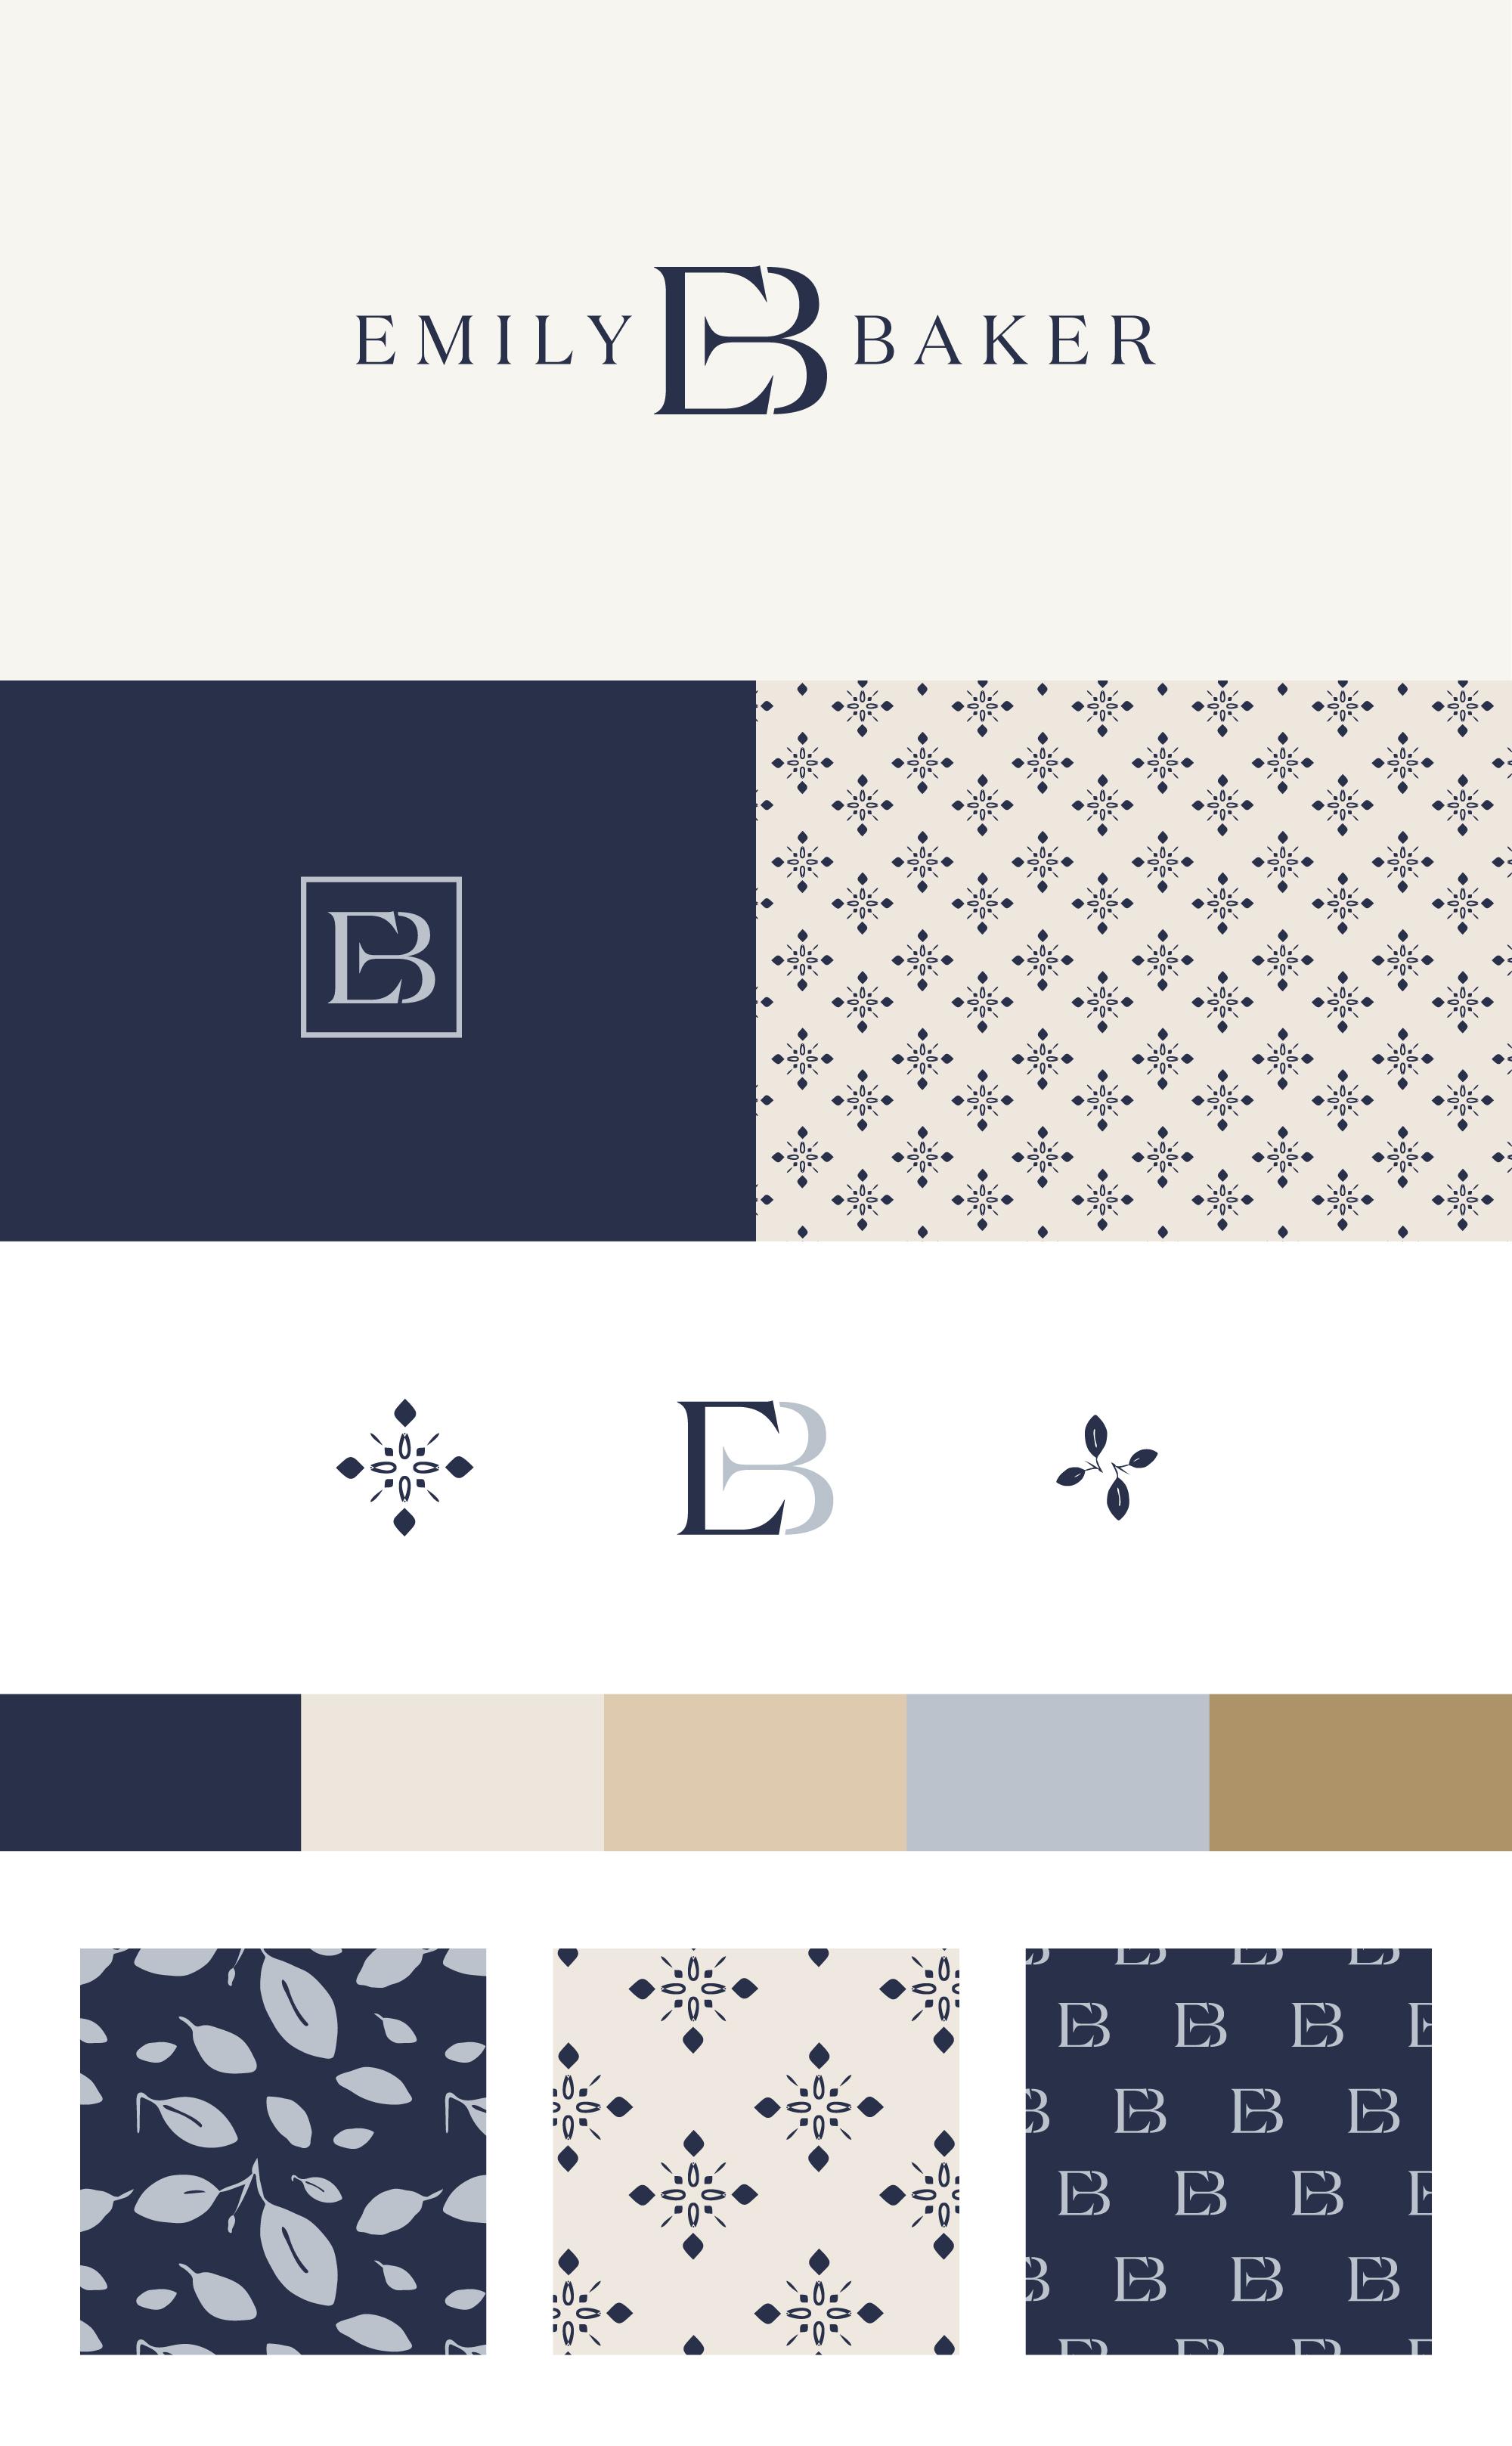 Emily Baker brand identity | Spruce Rd. | logo design, pattern design, interior design, branding, timeless, classic